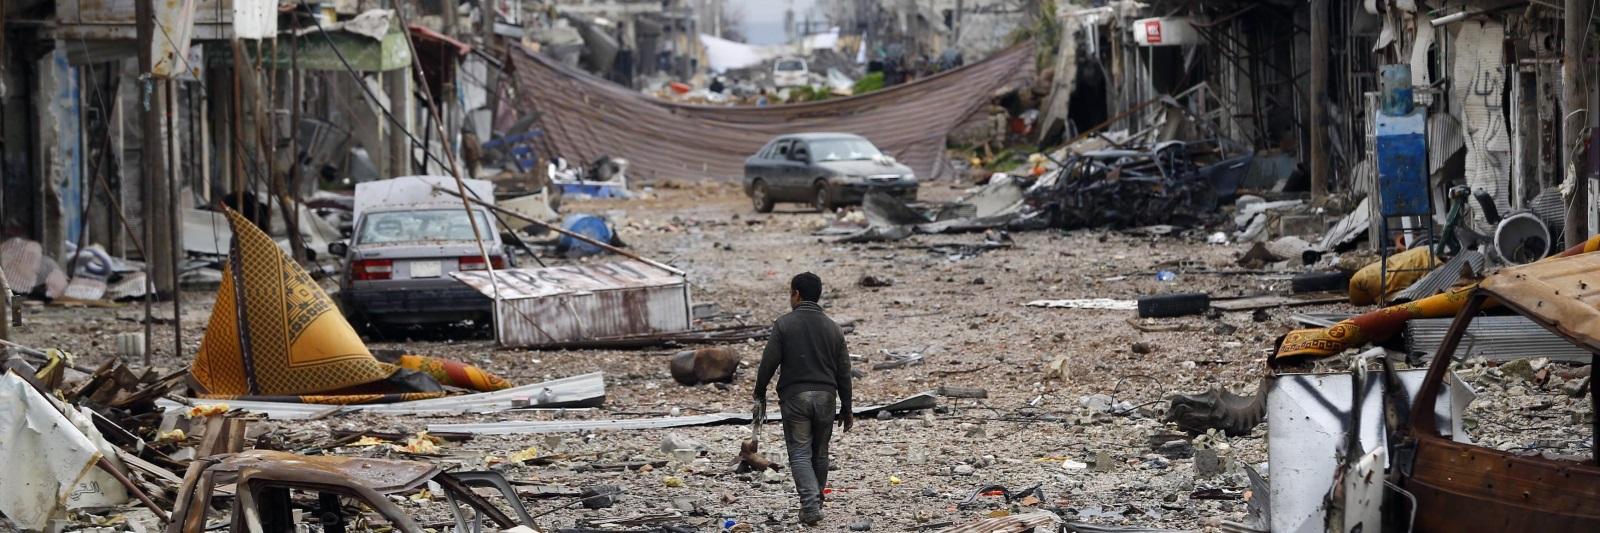 صورة لن نعود حتى لو سقط بشار الأسد